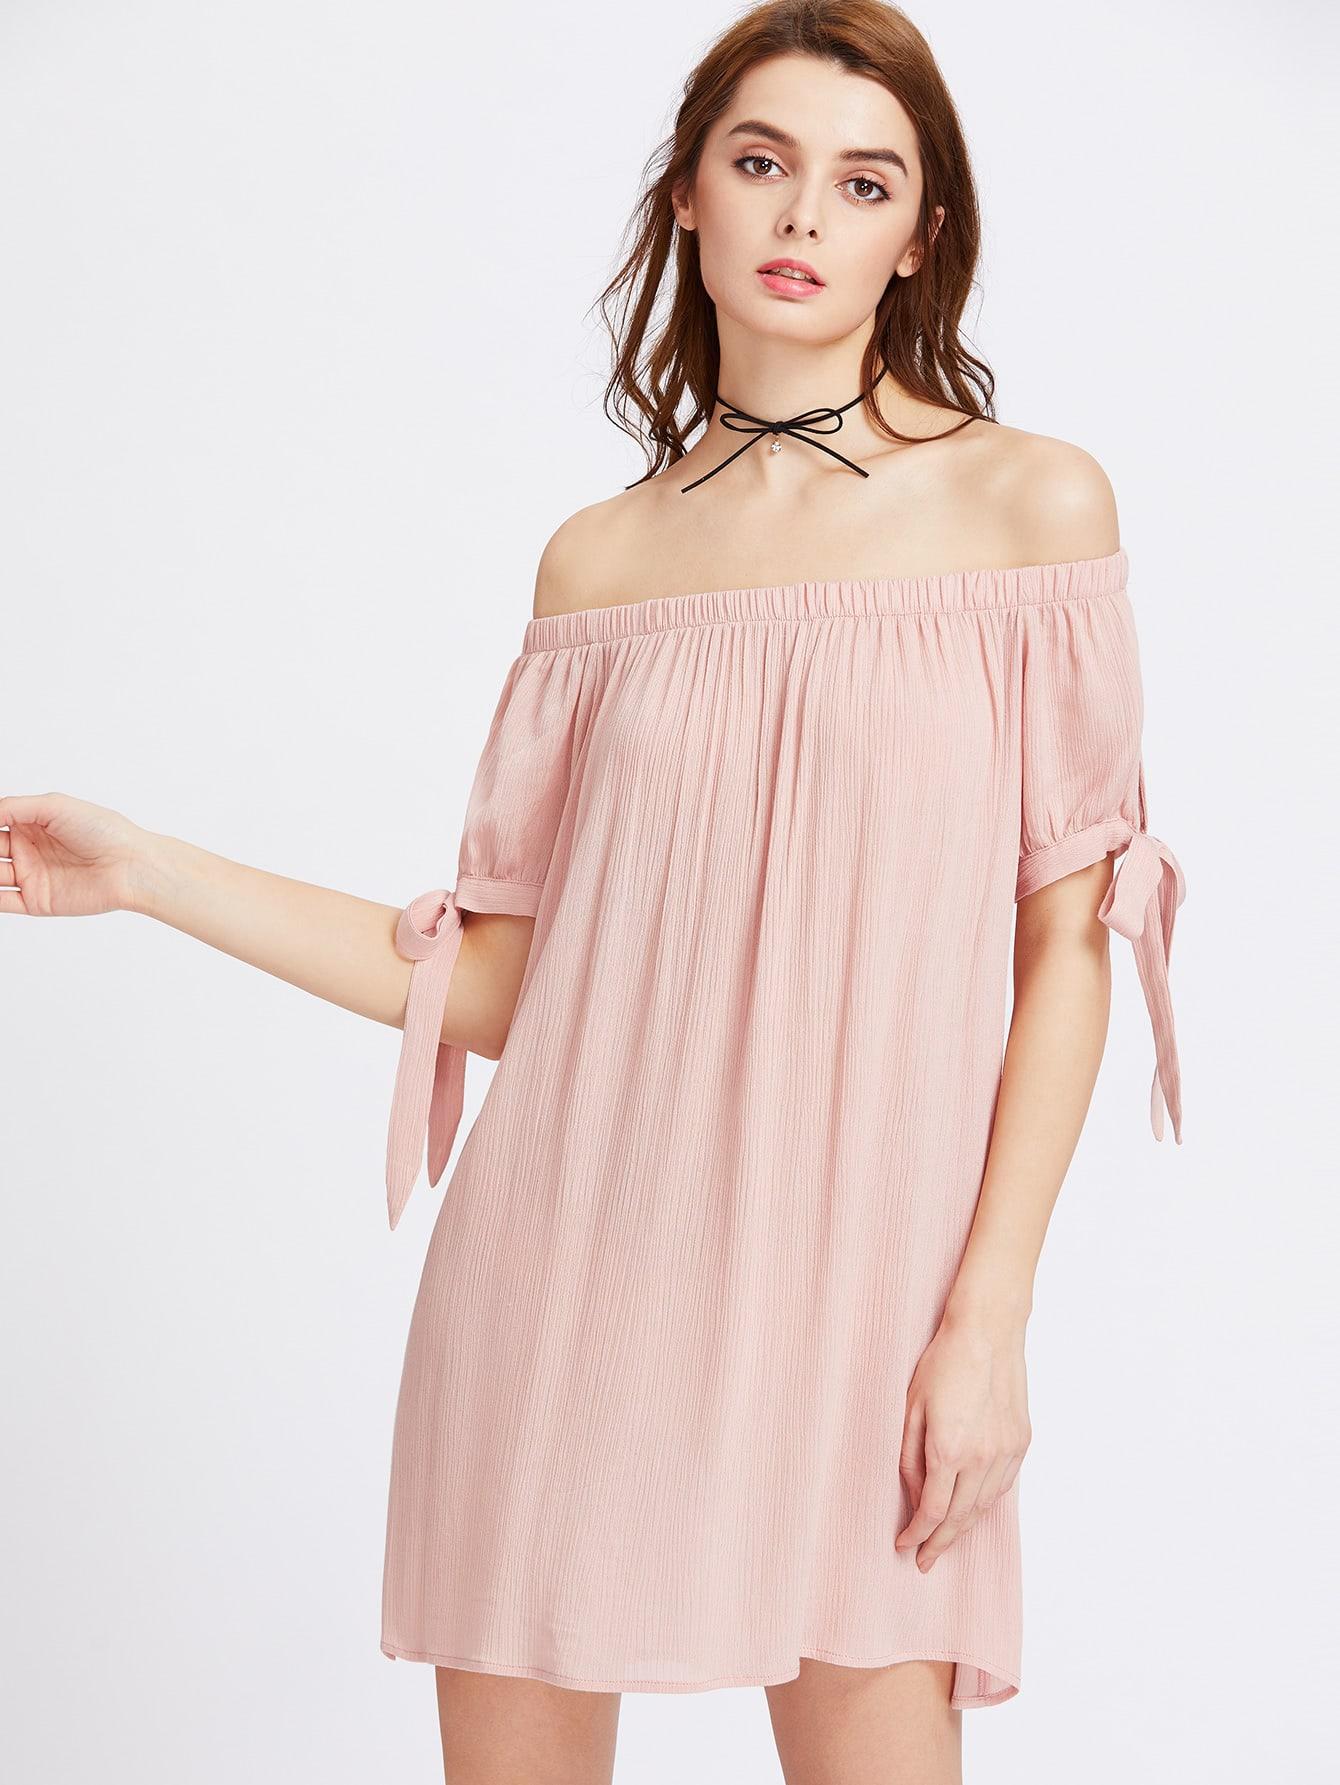 dress170420702_2